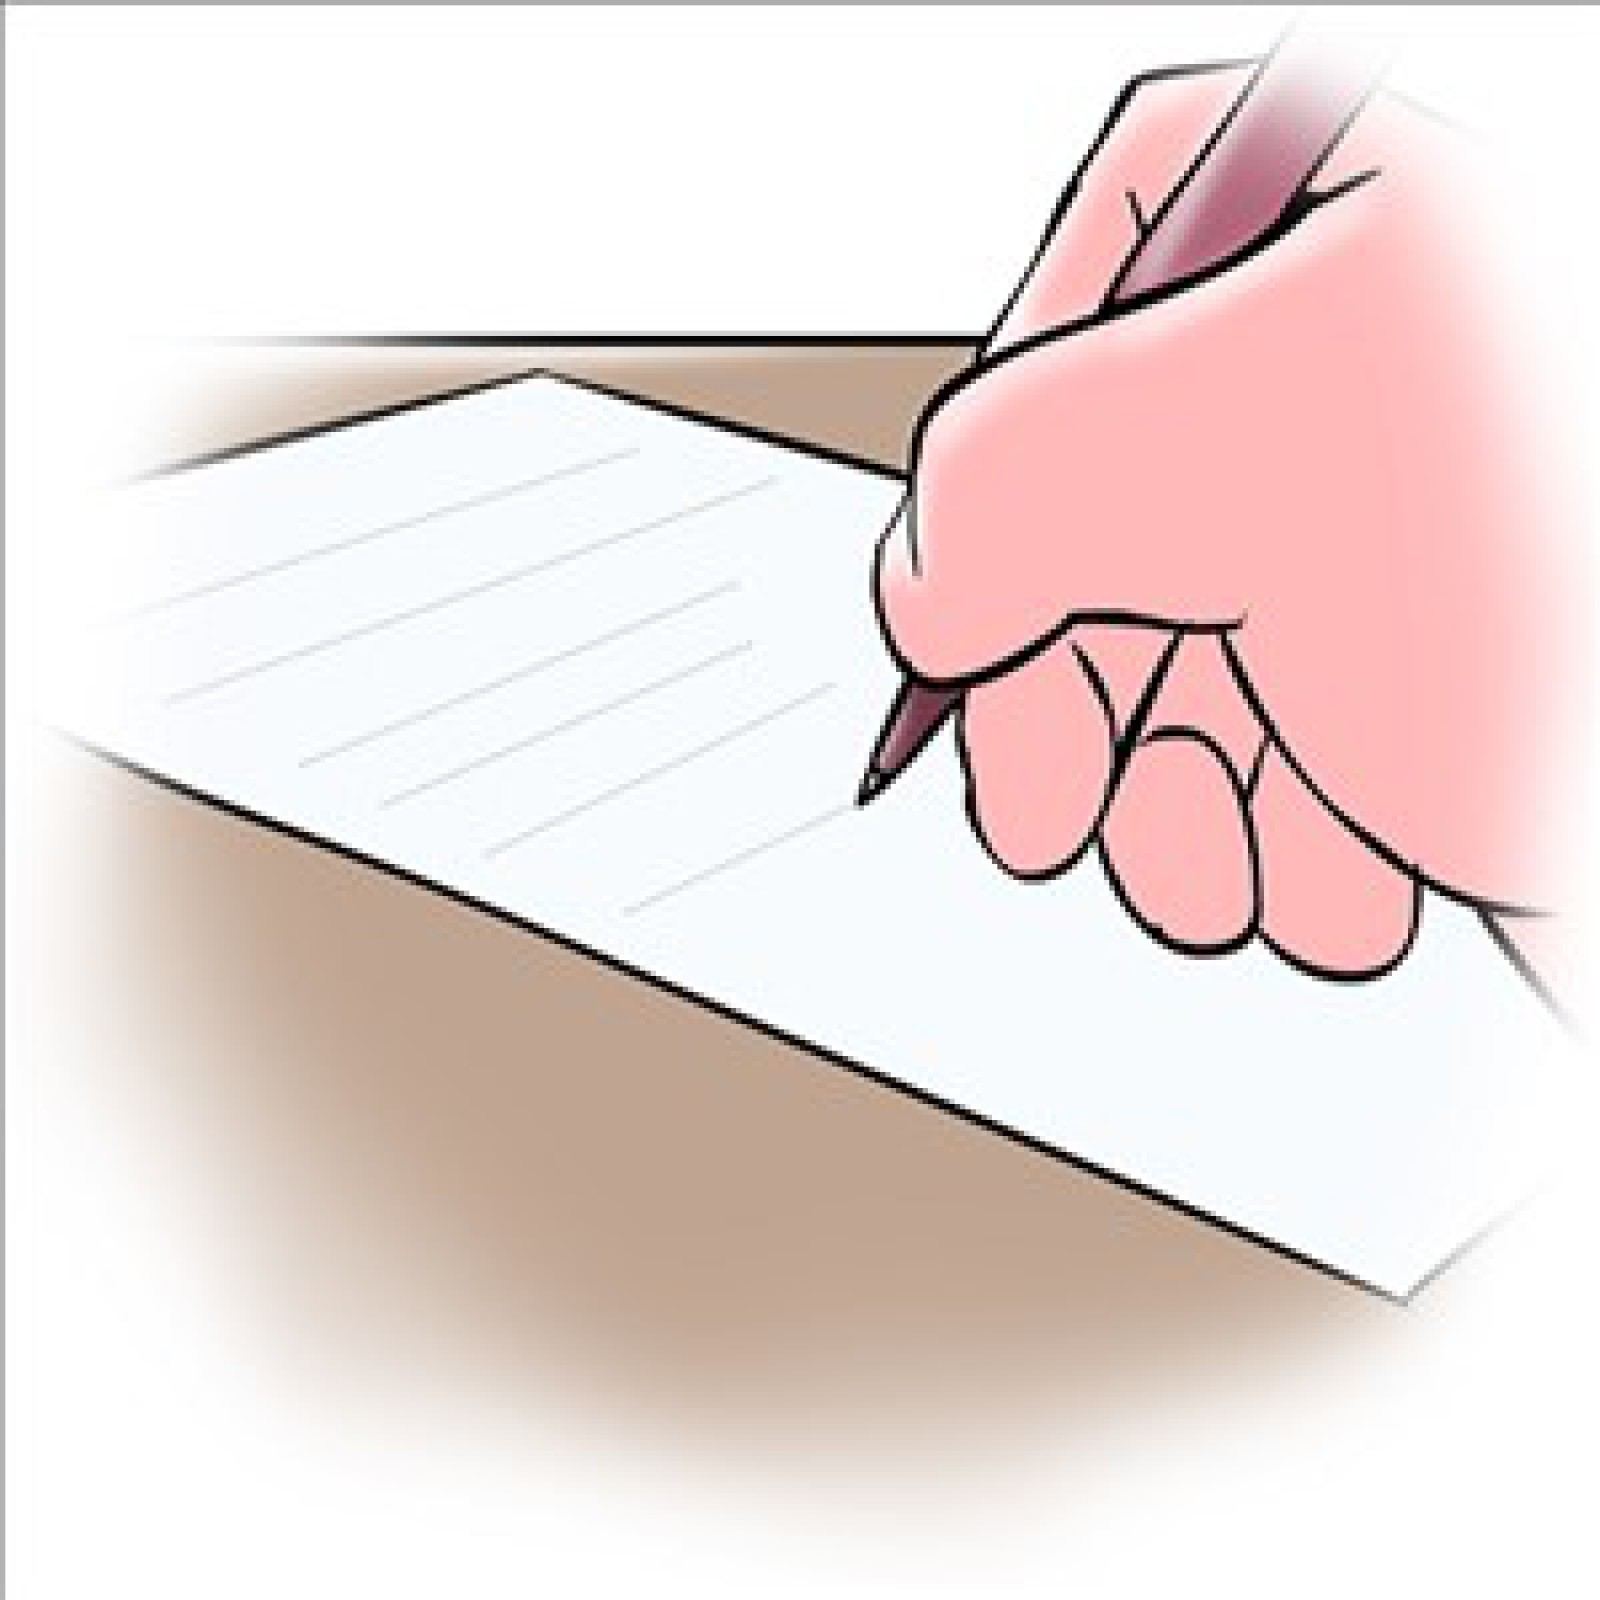 Contratto autonomo di garanzia: inapplicabile la disciplina delle obbligazioni solidali